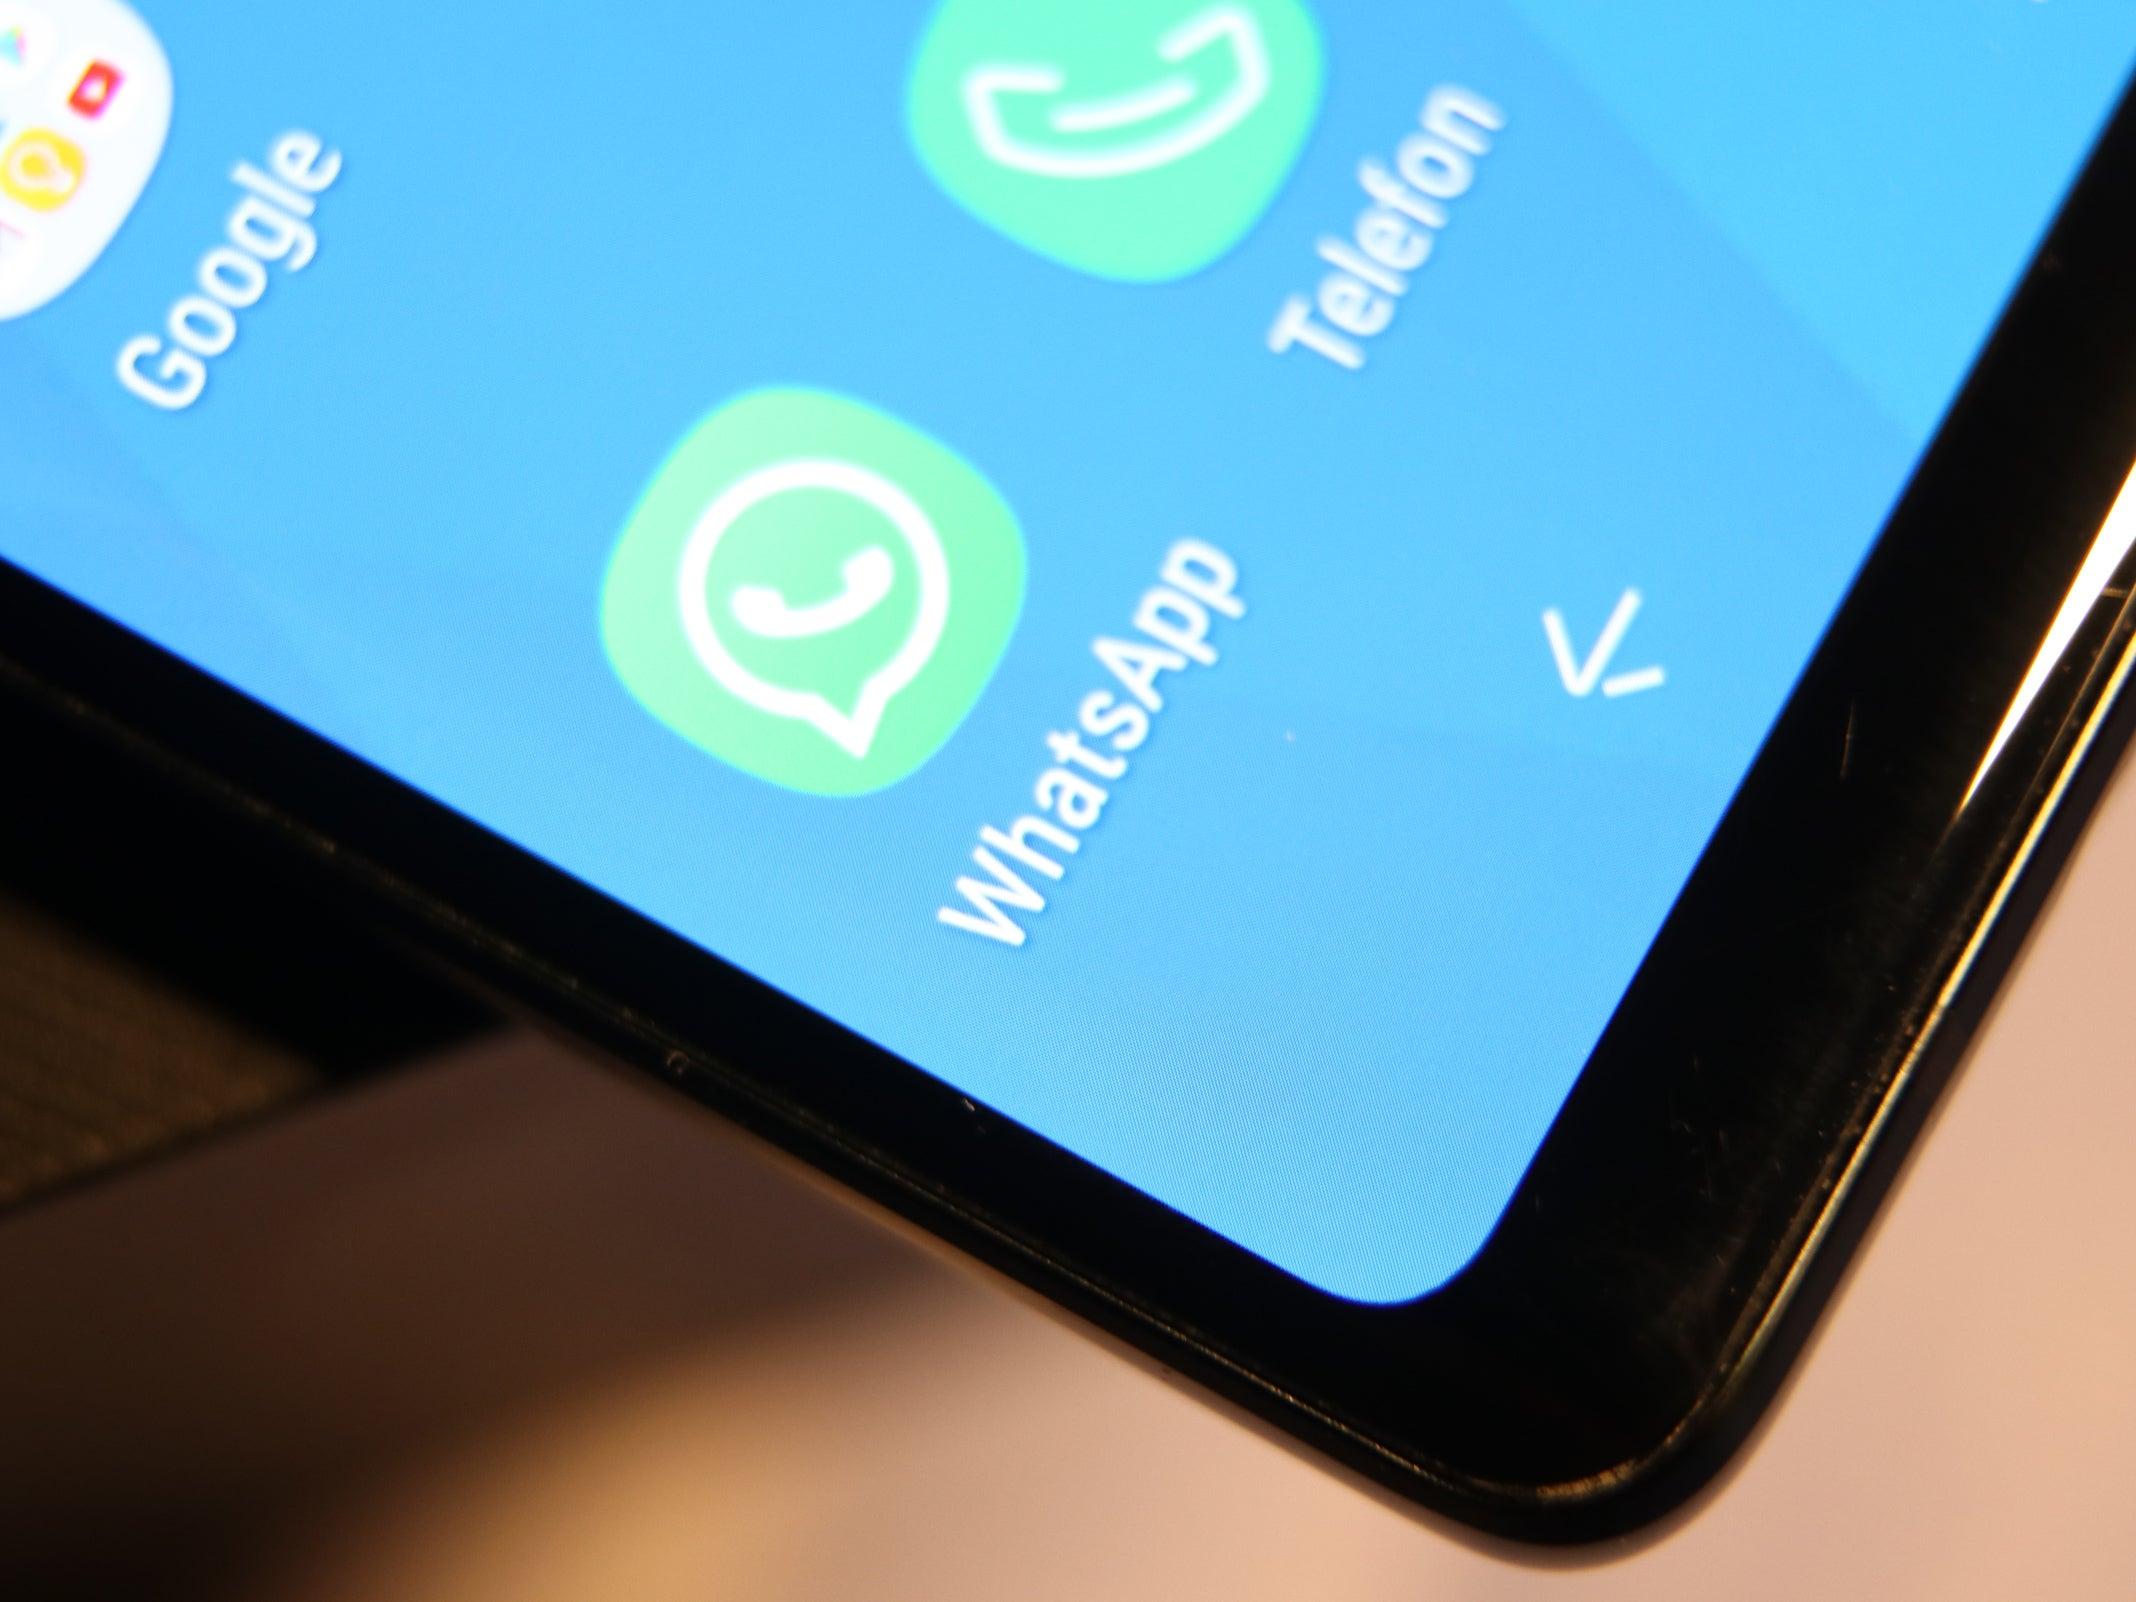 Das WhatsApp-Icon auf einem Handy-Display